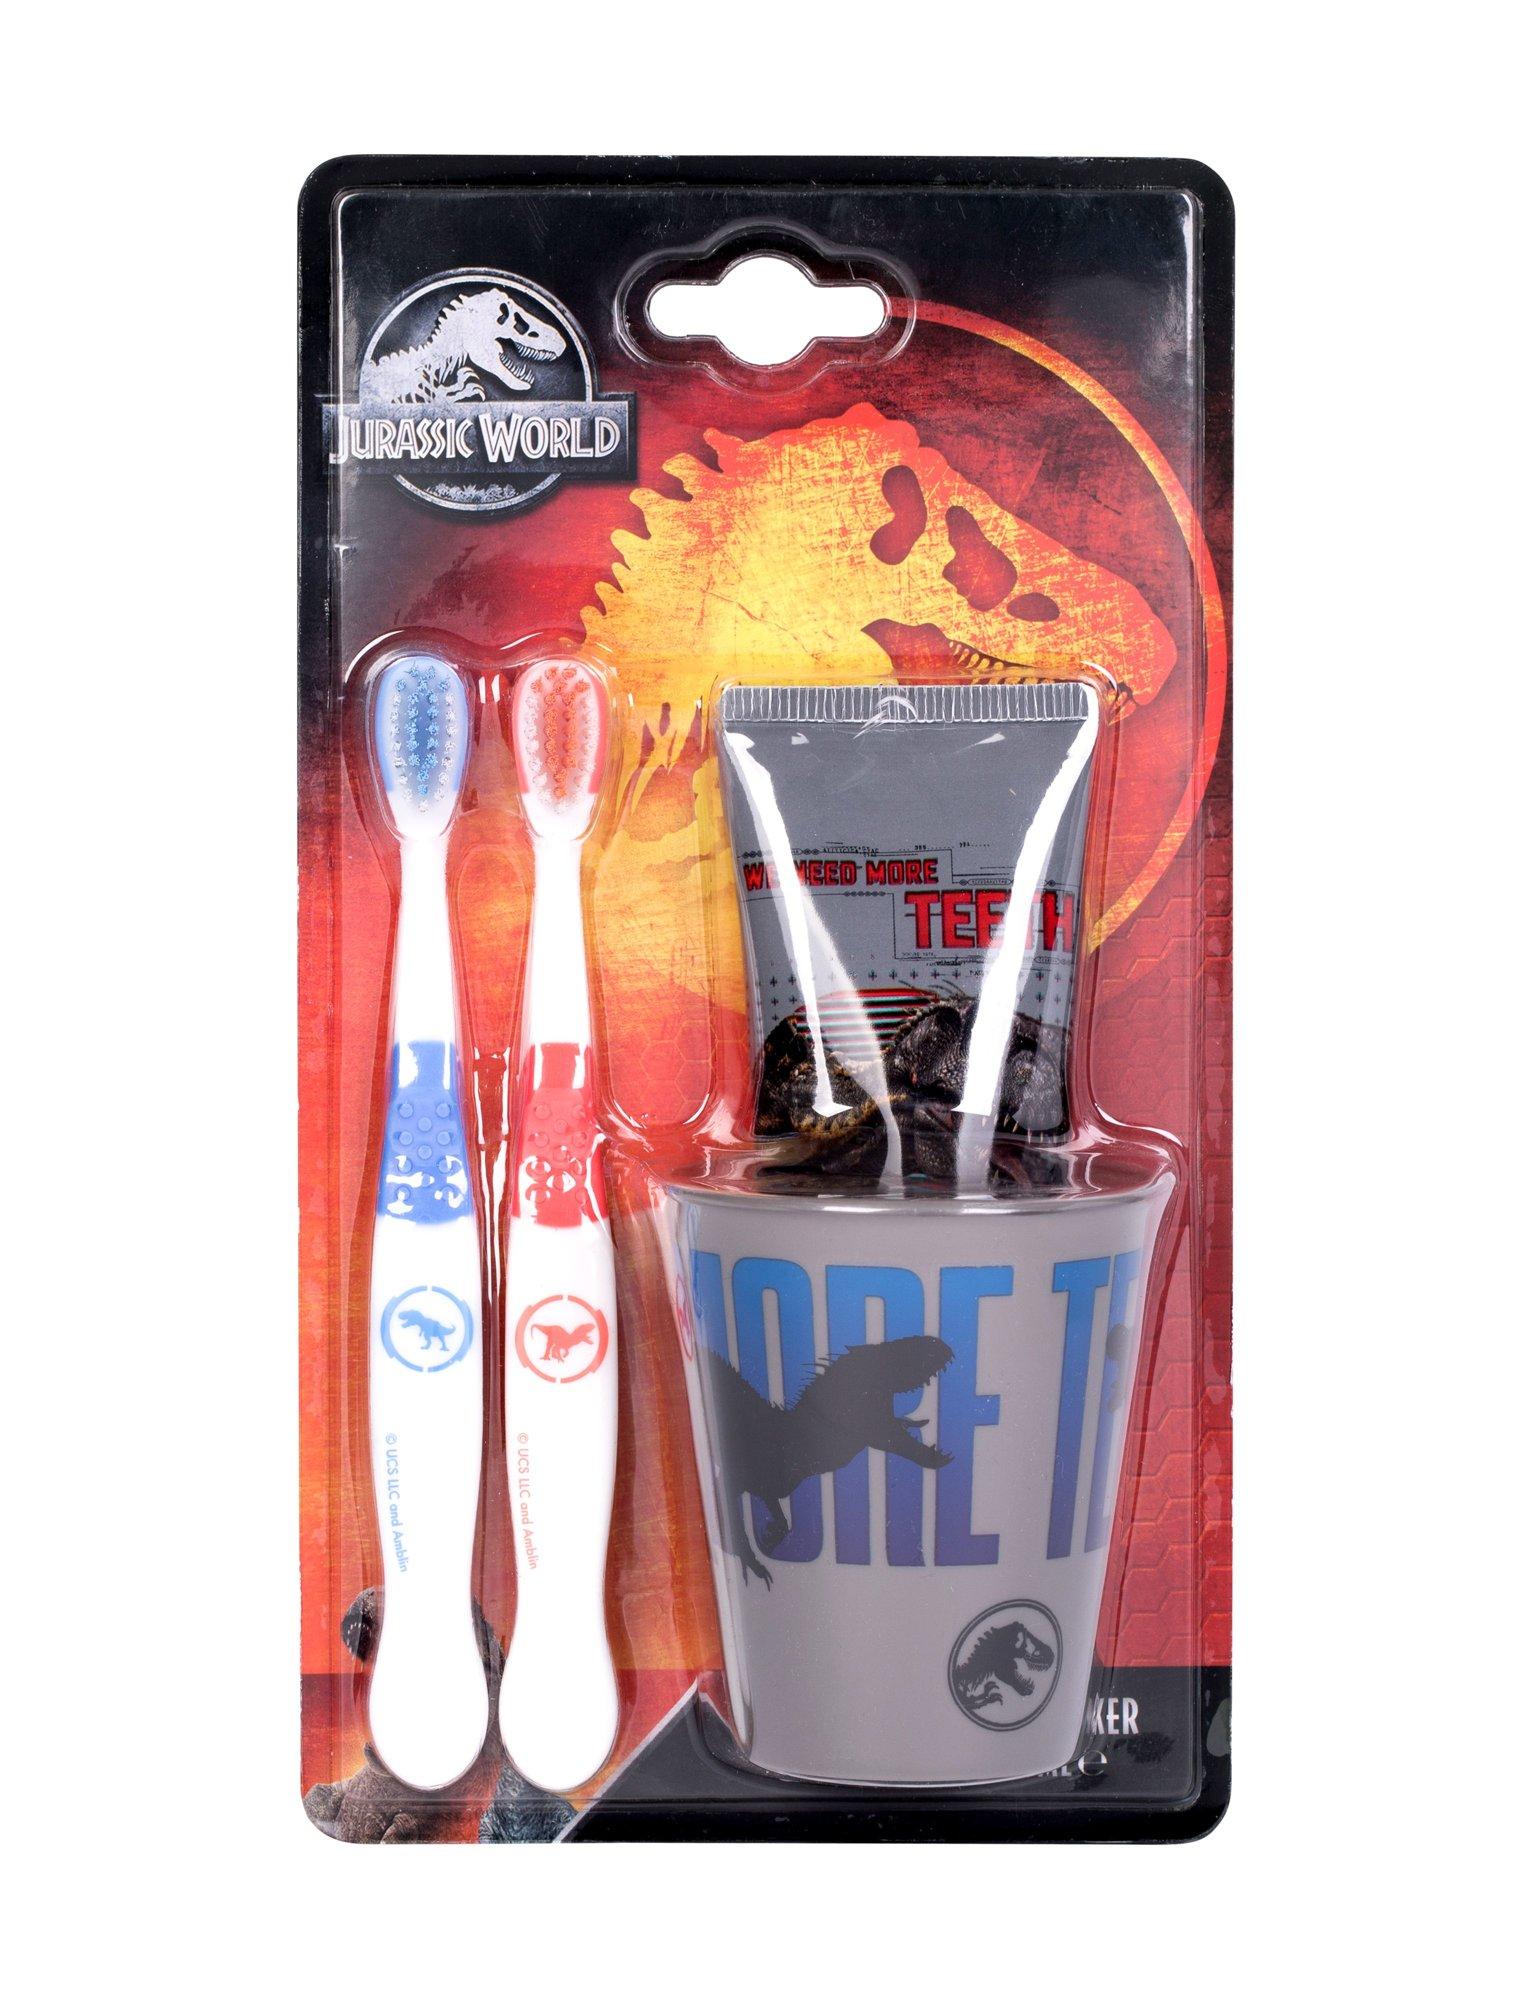 Universal Jurassic World Toothbrush 2ml